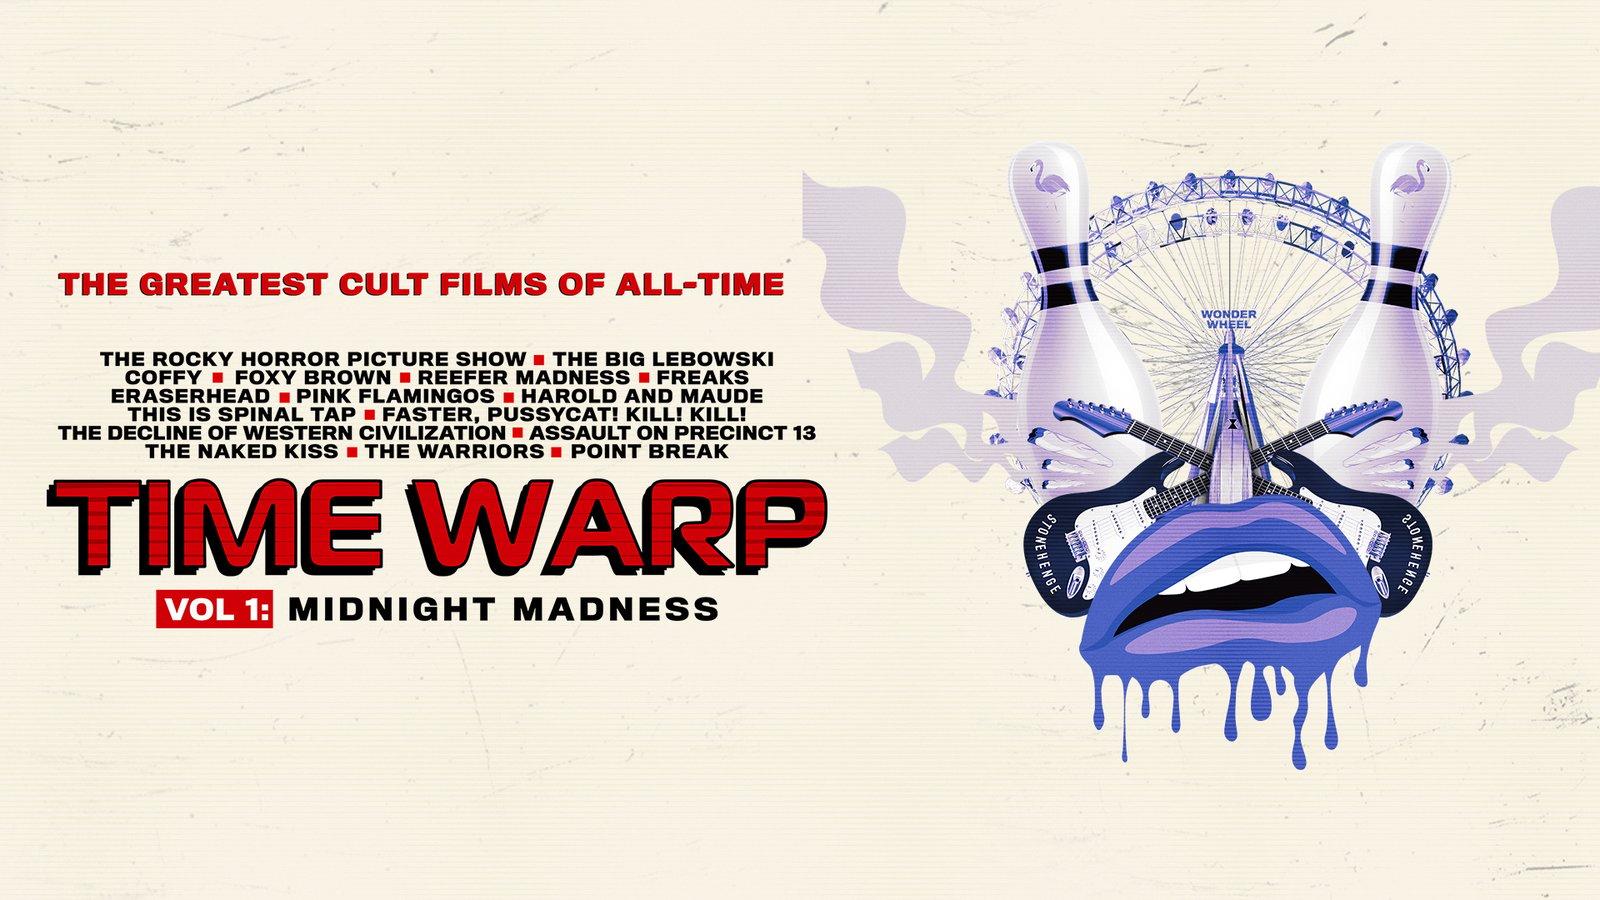 Time Warp Part I – Midnight Madness